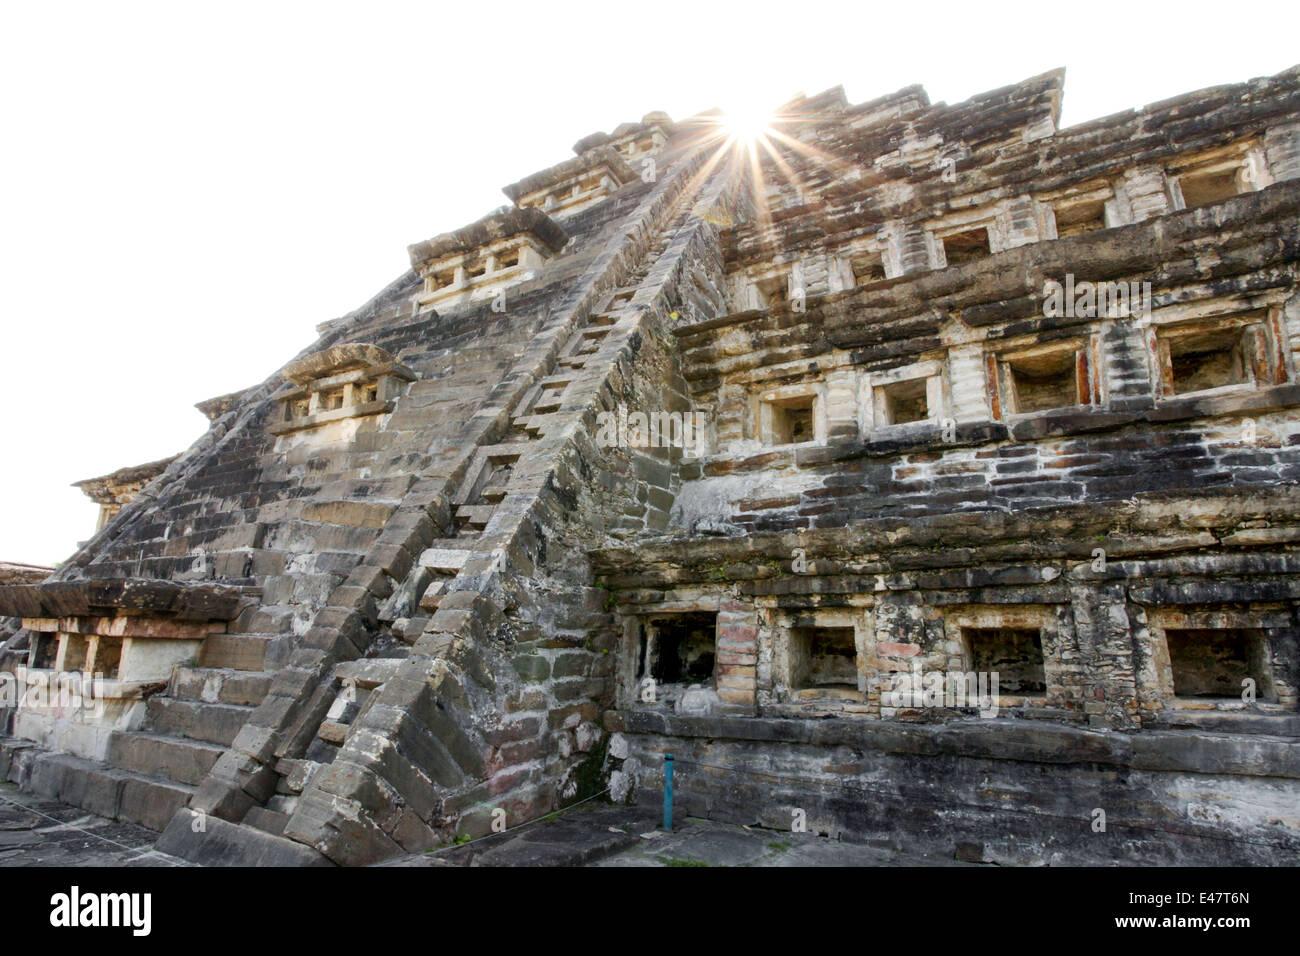 Sunburst over pyramid of the Niches in Tajin, Veracruz, Mexico. - Stock Image